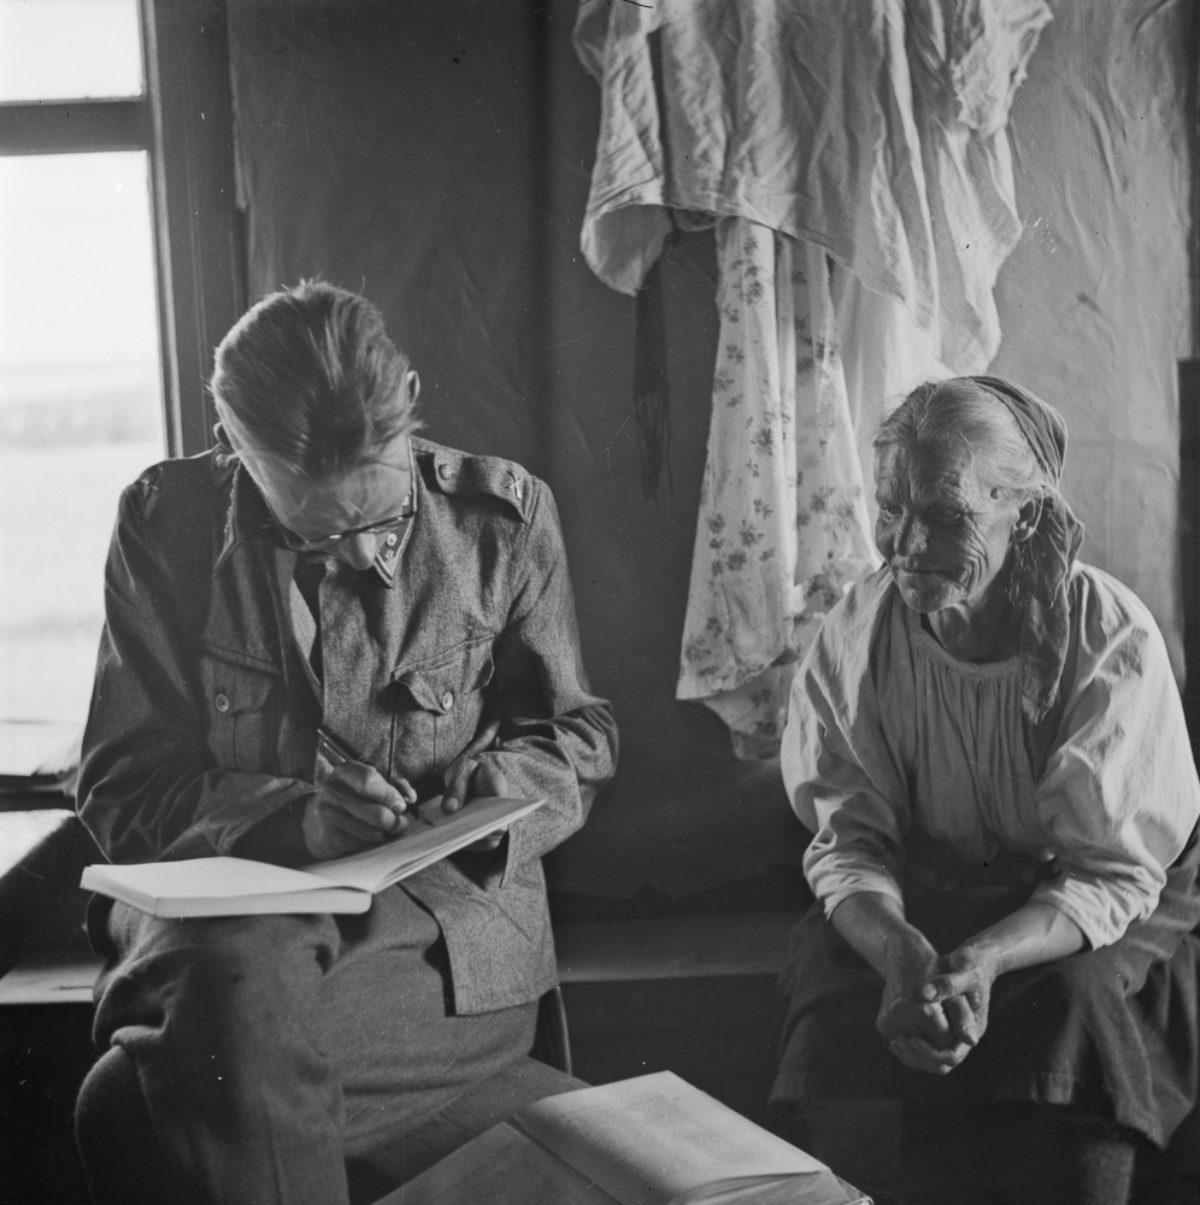 Väinö Kaukonen intervjuar Anni Huotarinen i Kontokki i Akonlahti. Foto: Väinö Kaukonen / Museiverkets Bildsamlingar